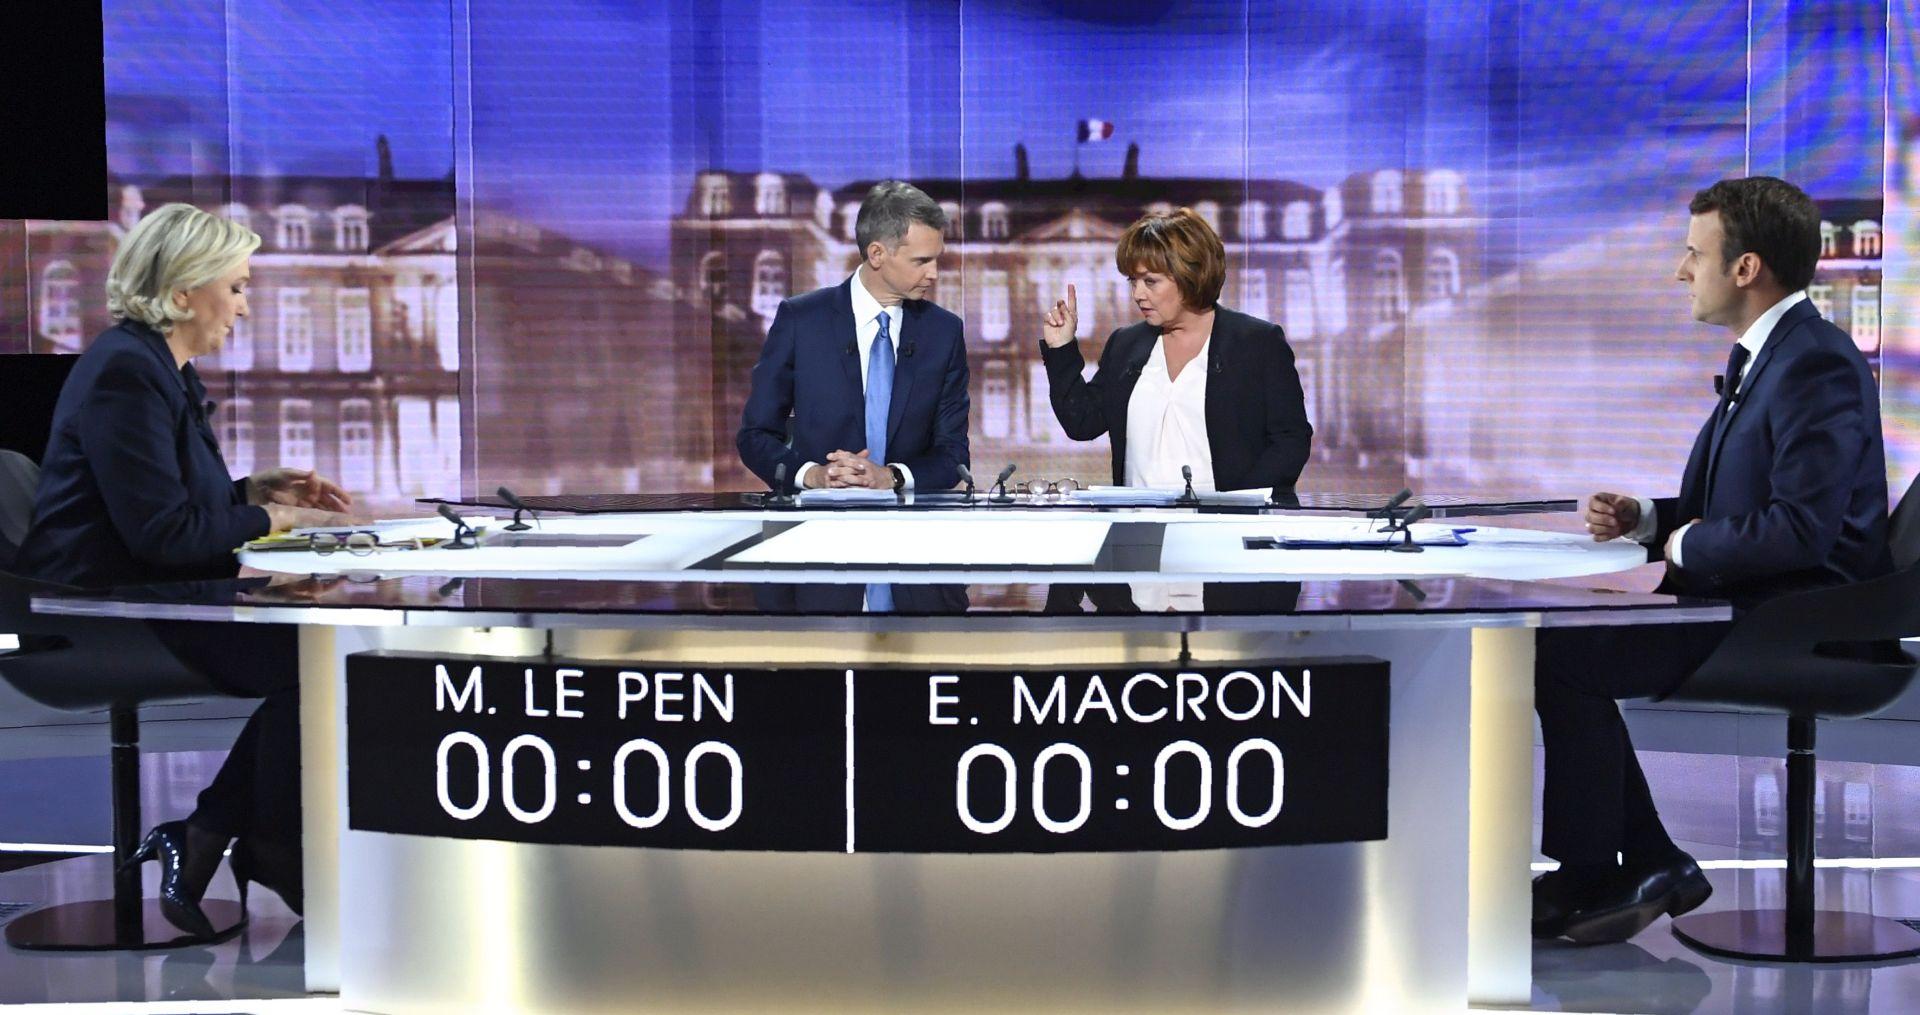 Francuska se bori da hakiranje Macrona ne utječe na rezultat izbora